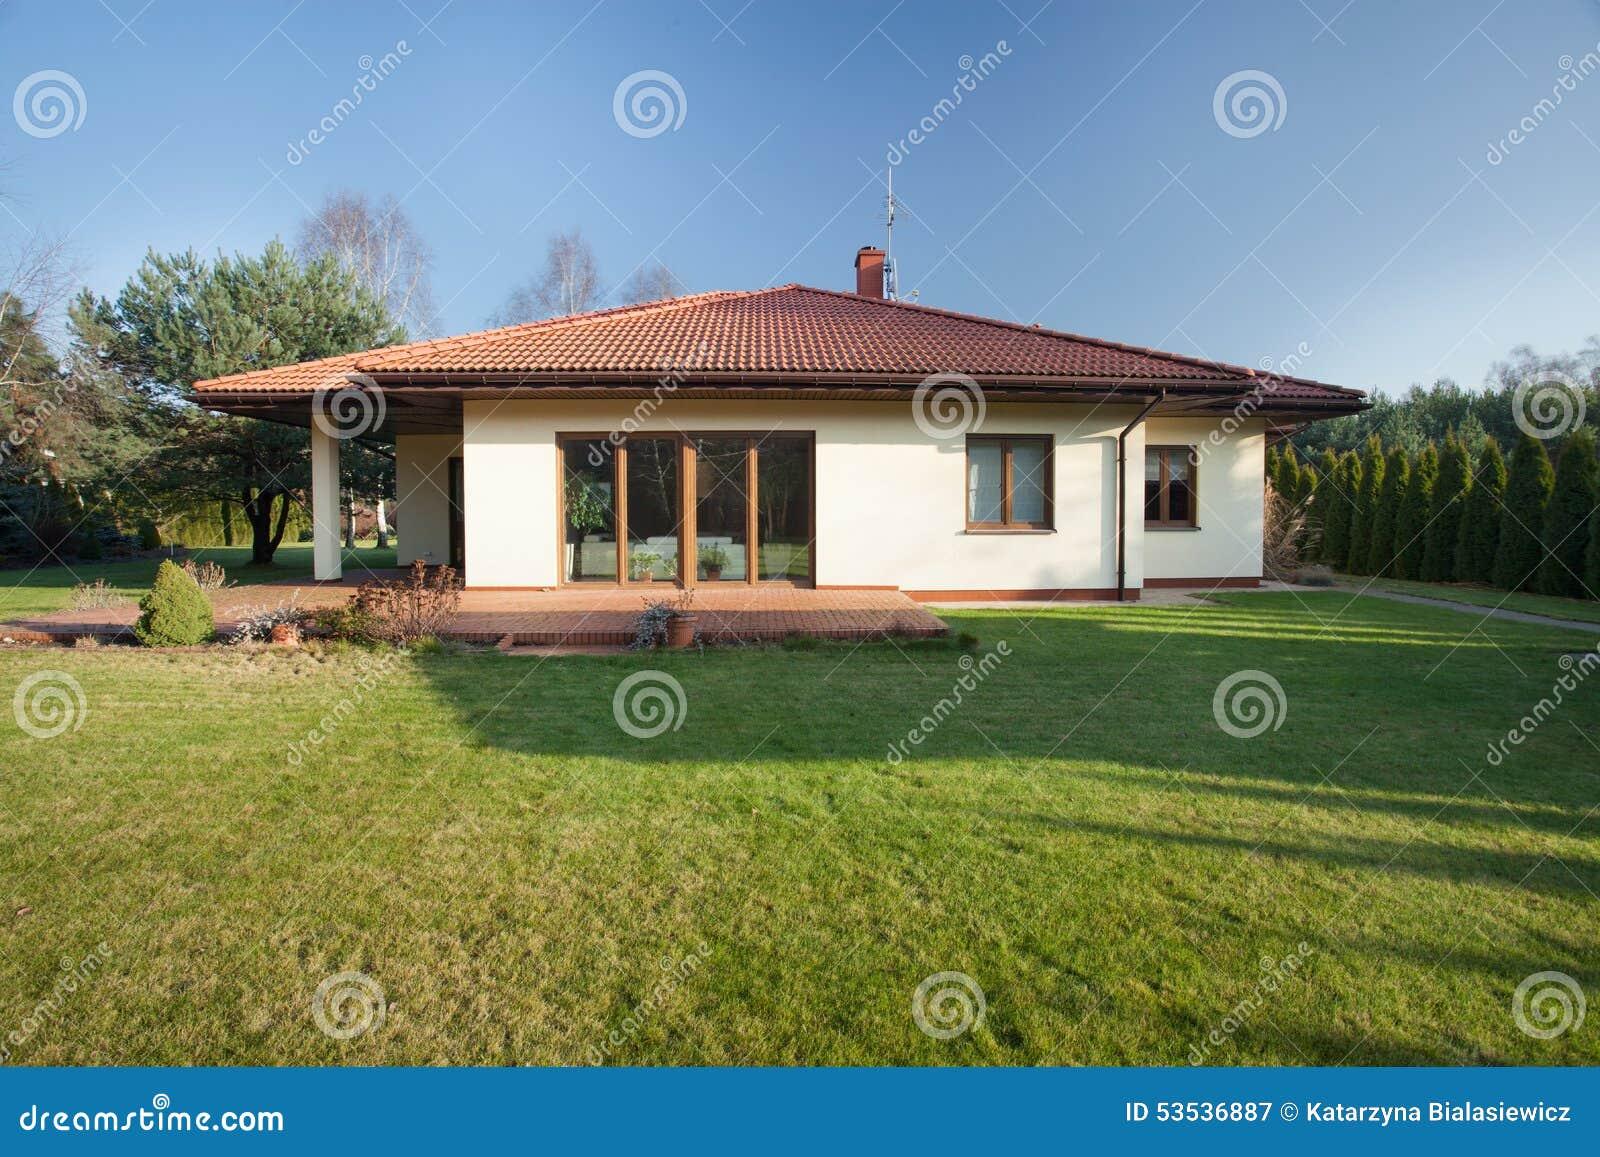 Beautiful bungalow with garden stock image image of - Fachadas de casas modernas de una planta ...